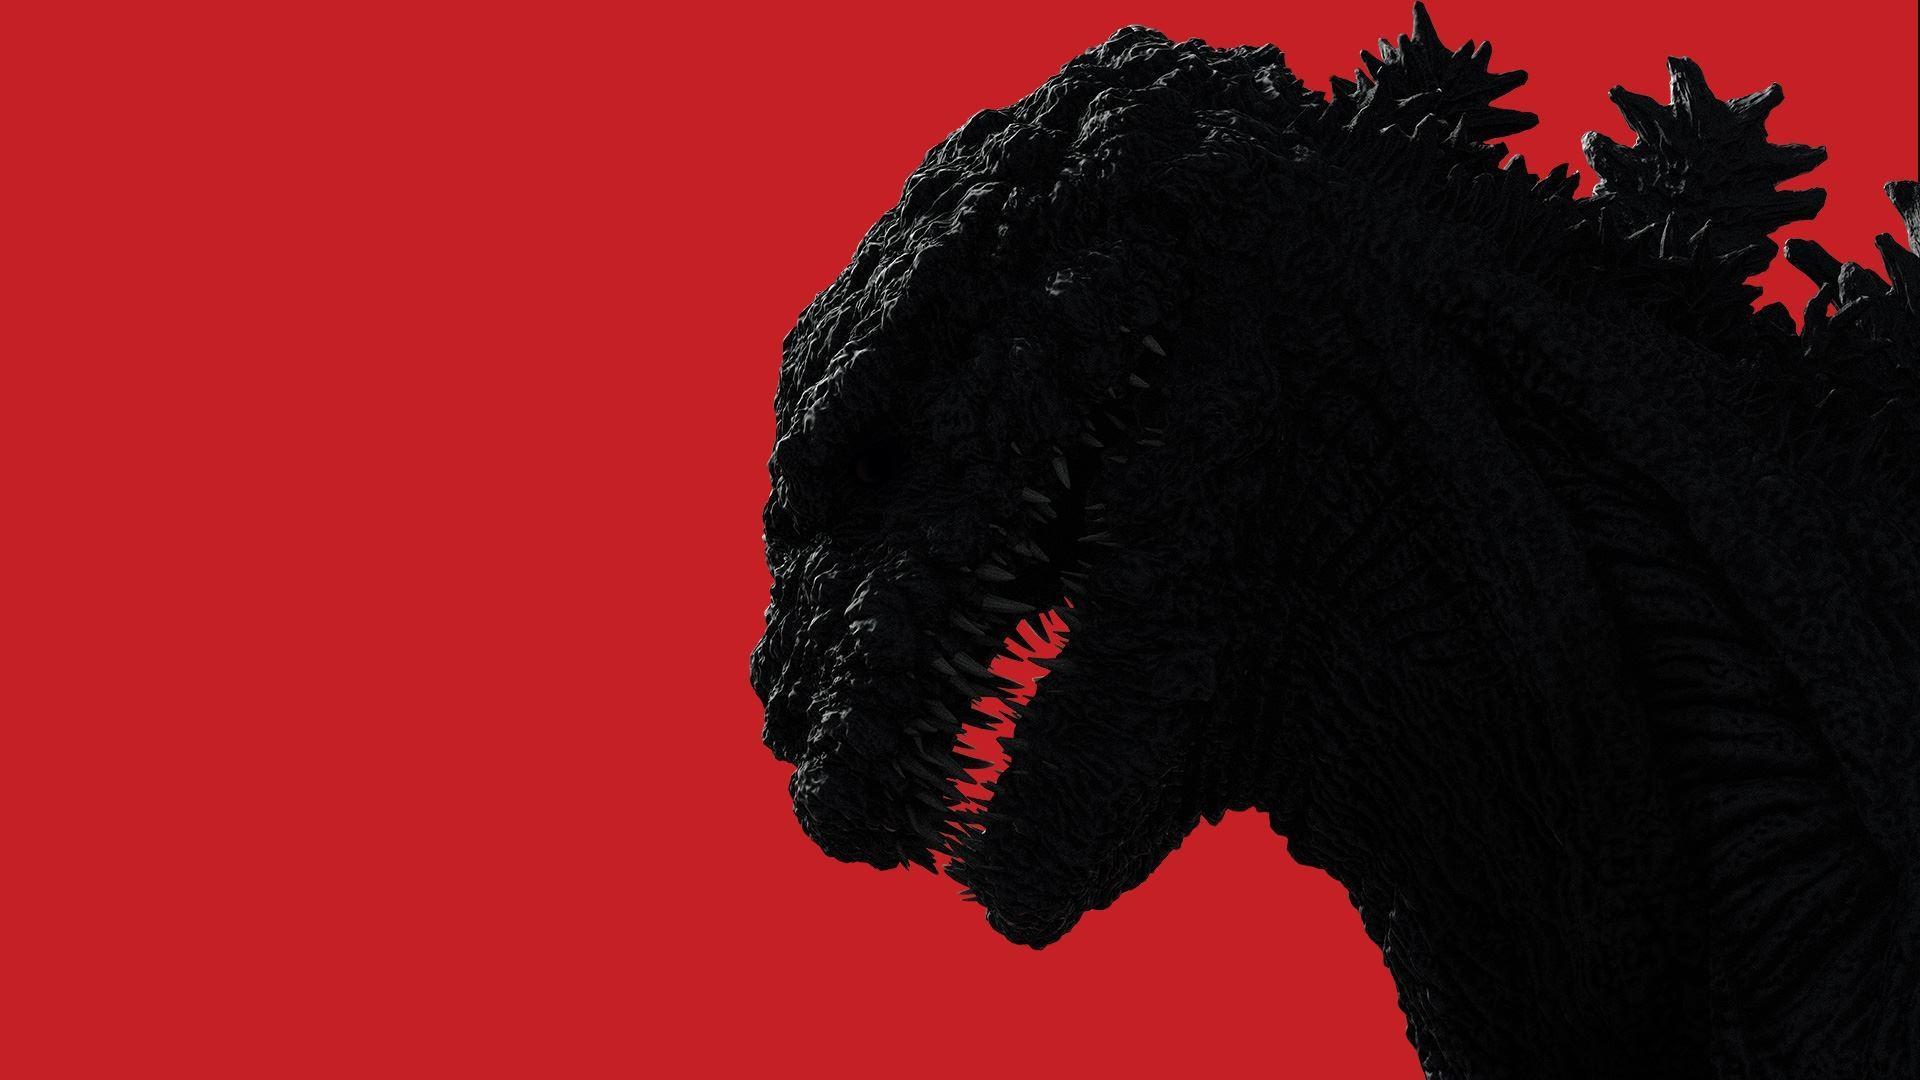 1920x1080 Shin Godzilla hình nềnTải xuống nền HD miễn phí cho máy tính để bàn